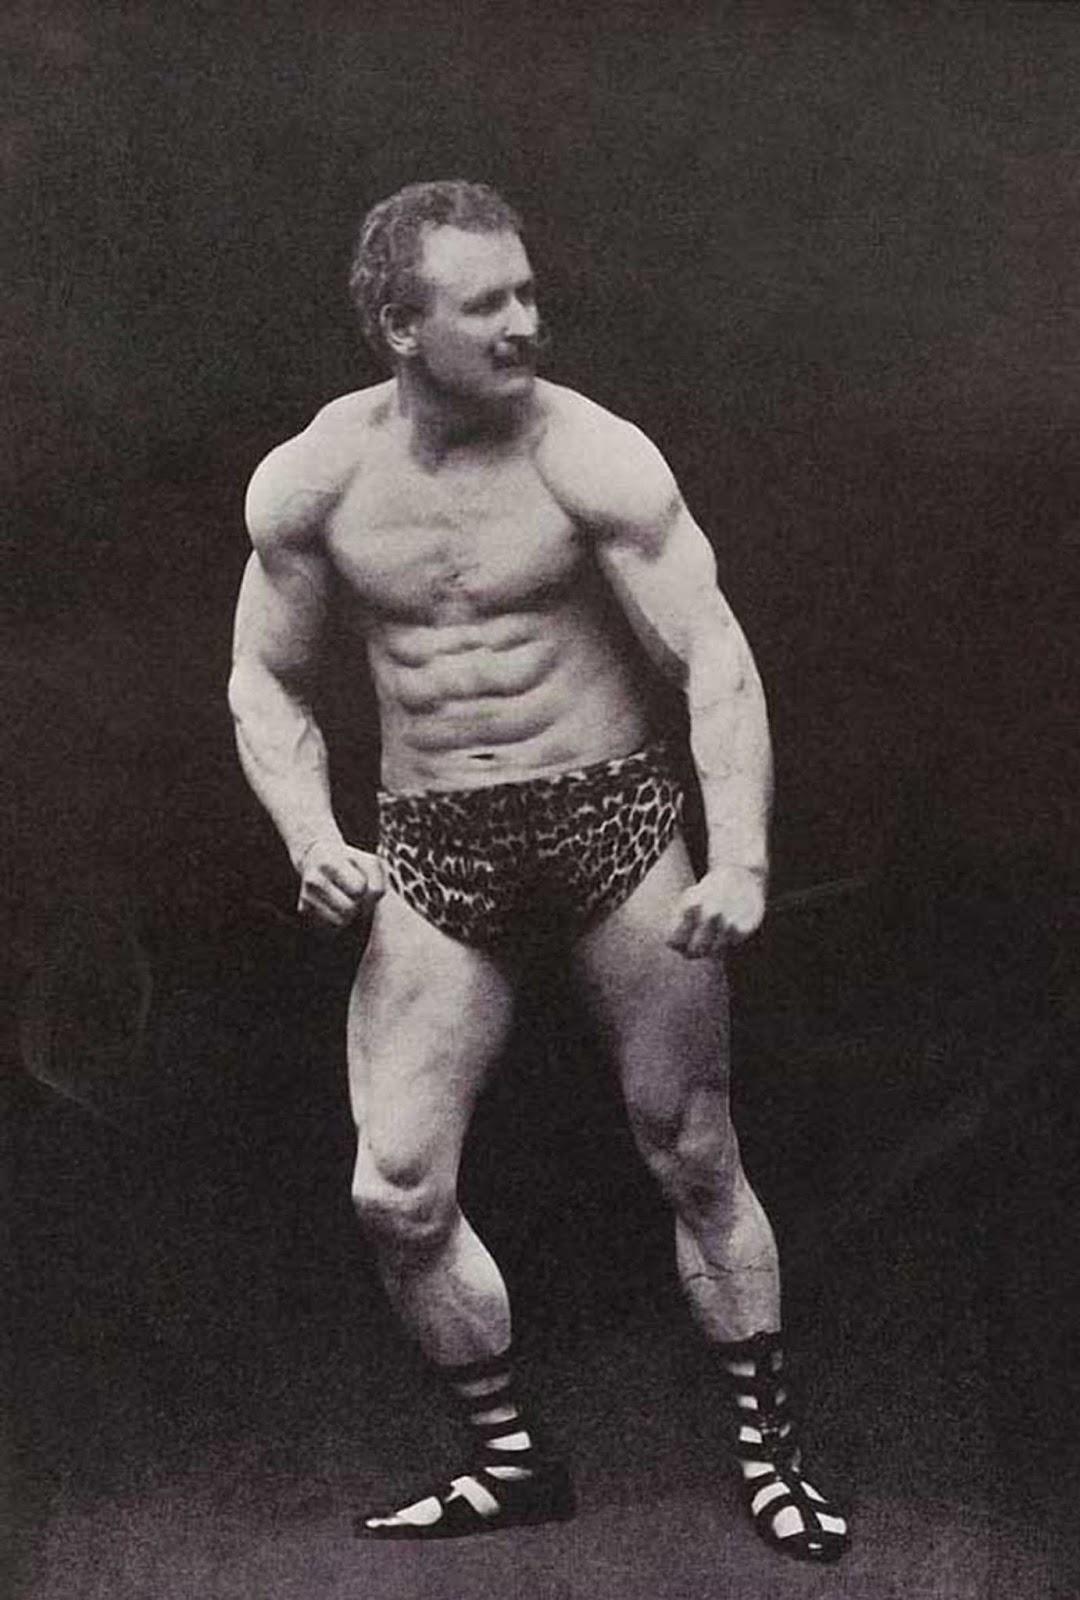 Exibição de músculos